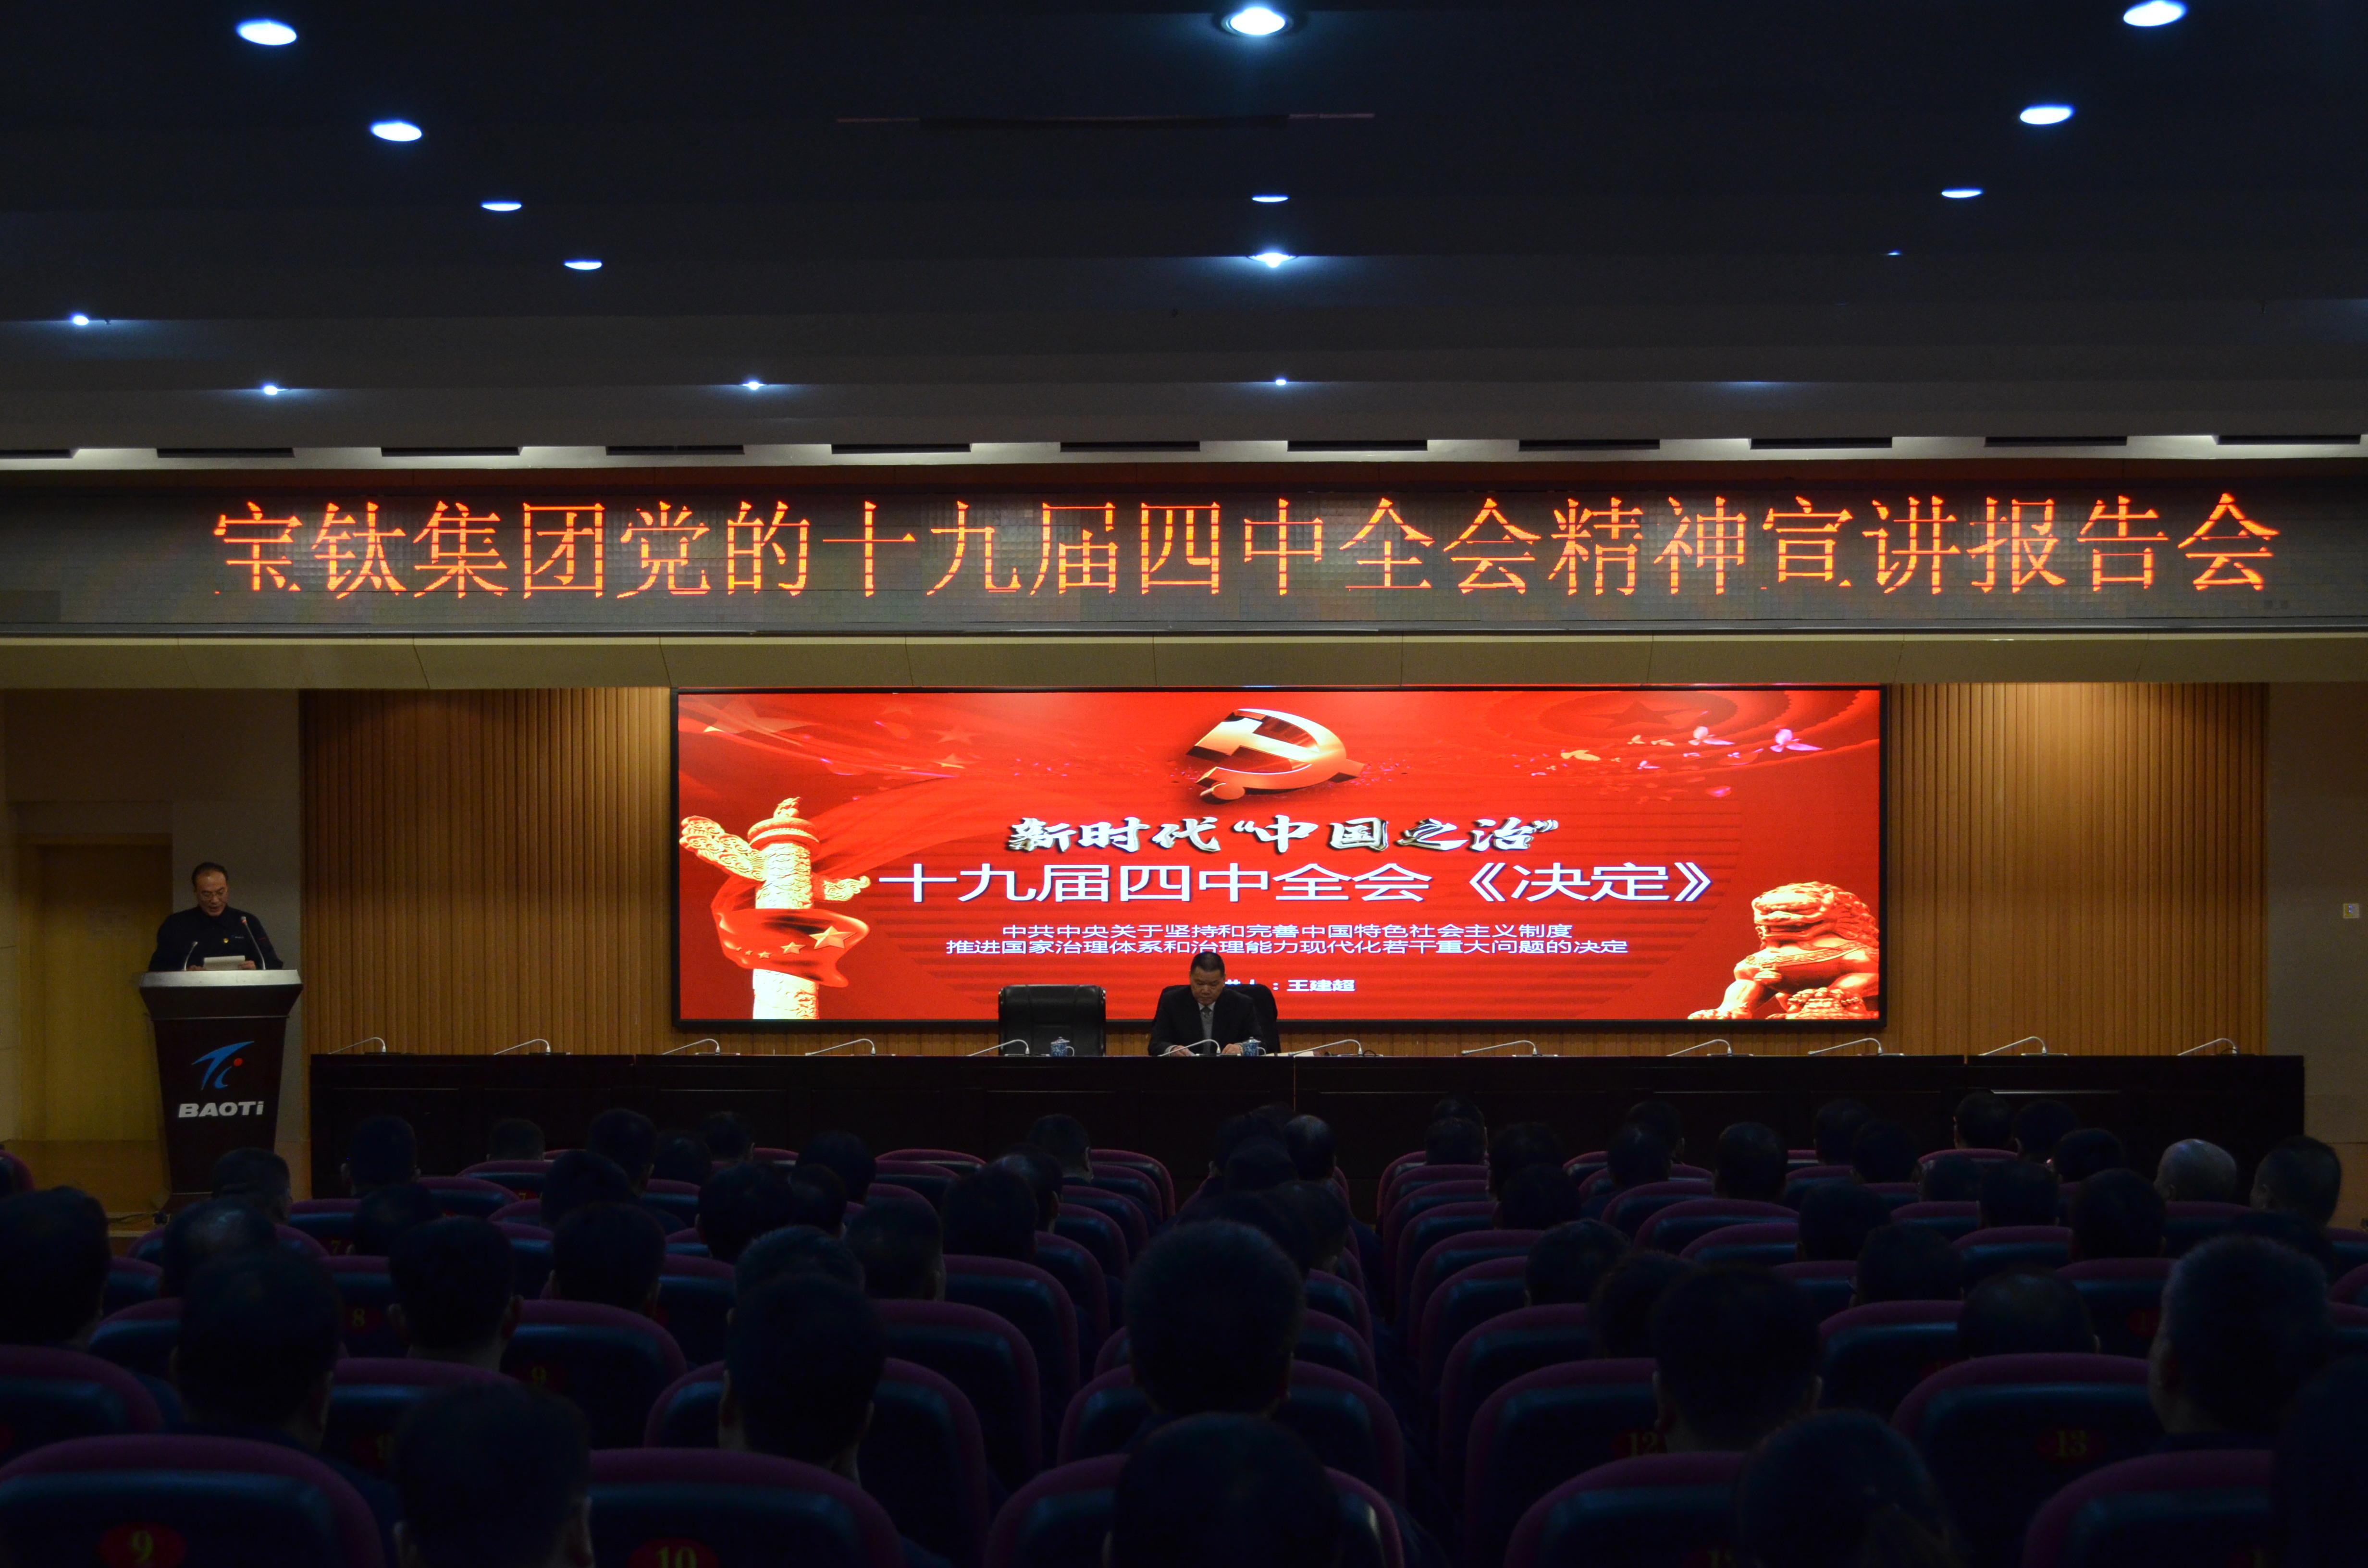 公司党委召开党的十九届四中全会精神宣讲会